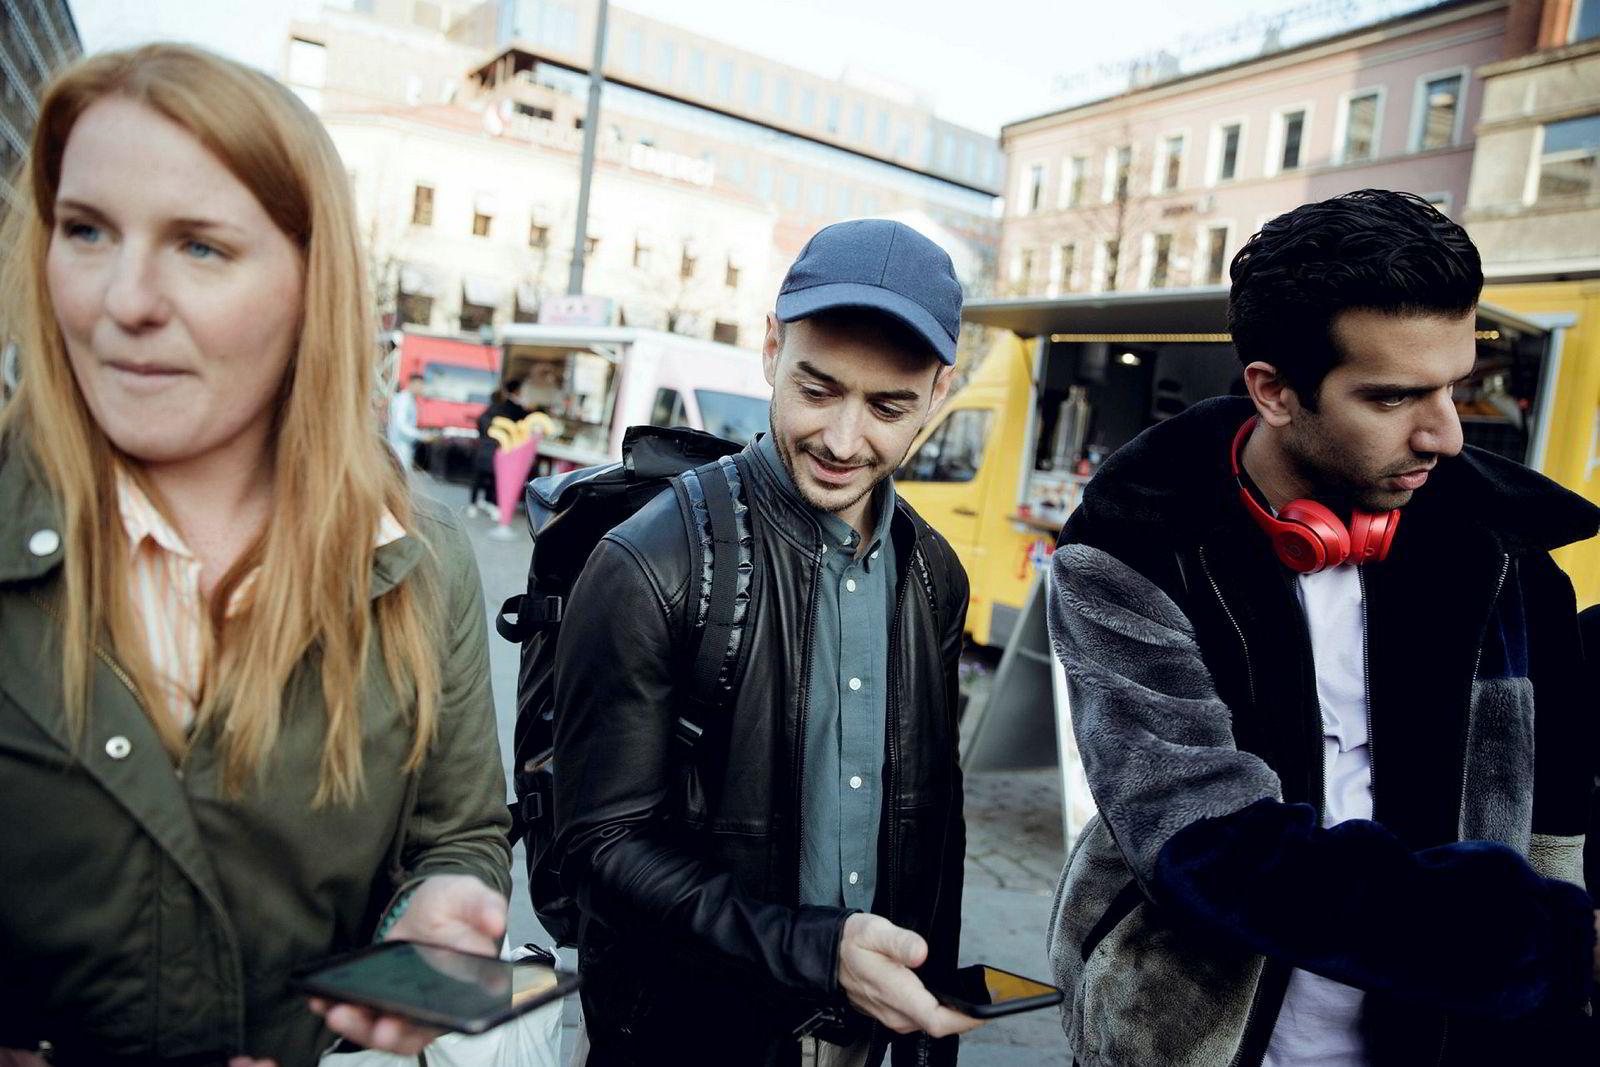 Cecilia Cocos (fra venstre), Petter C. Røhr Ewart og Damon Taheri møtes nesten daglig på Youngstorget for å bytte «artefakter» i Red Bull-spillet.